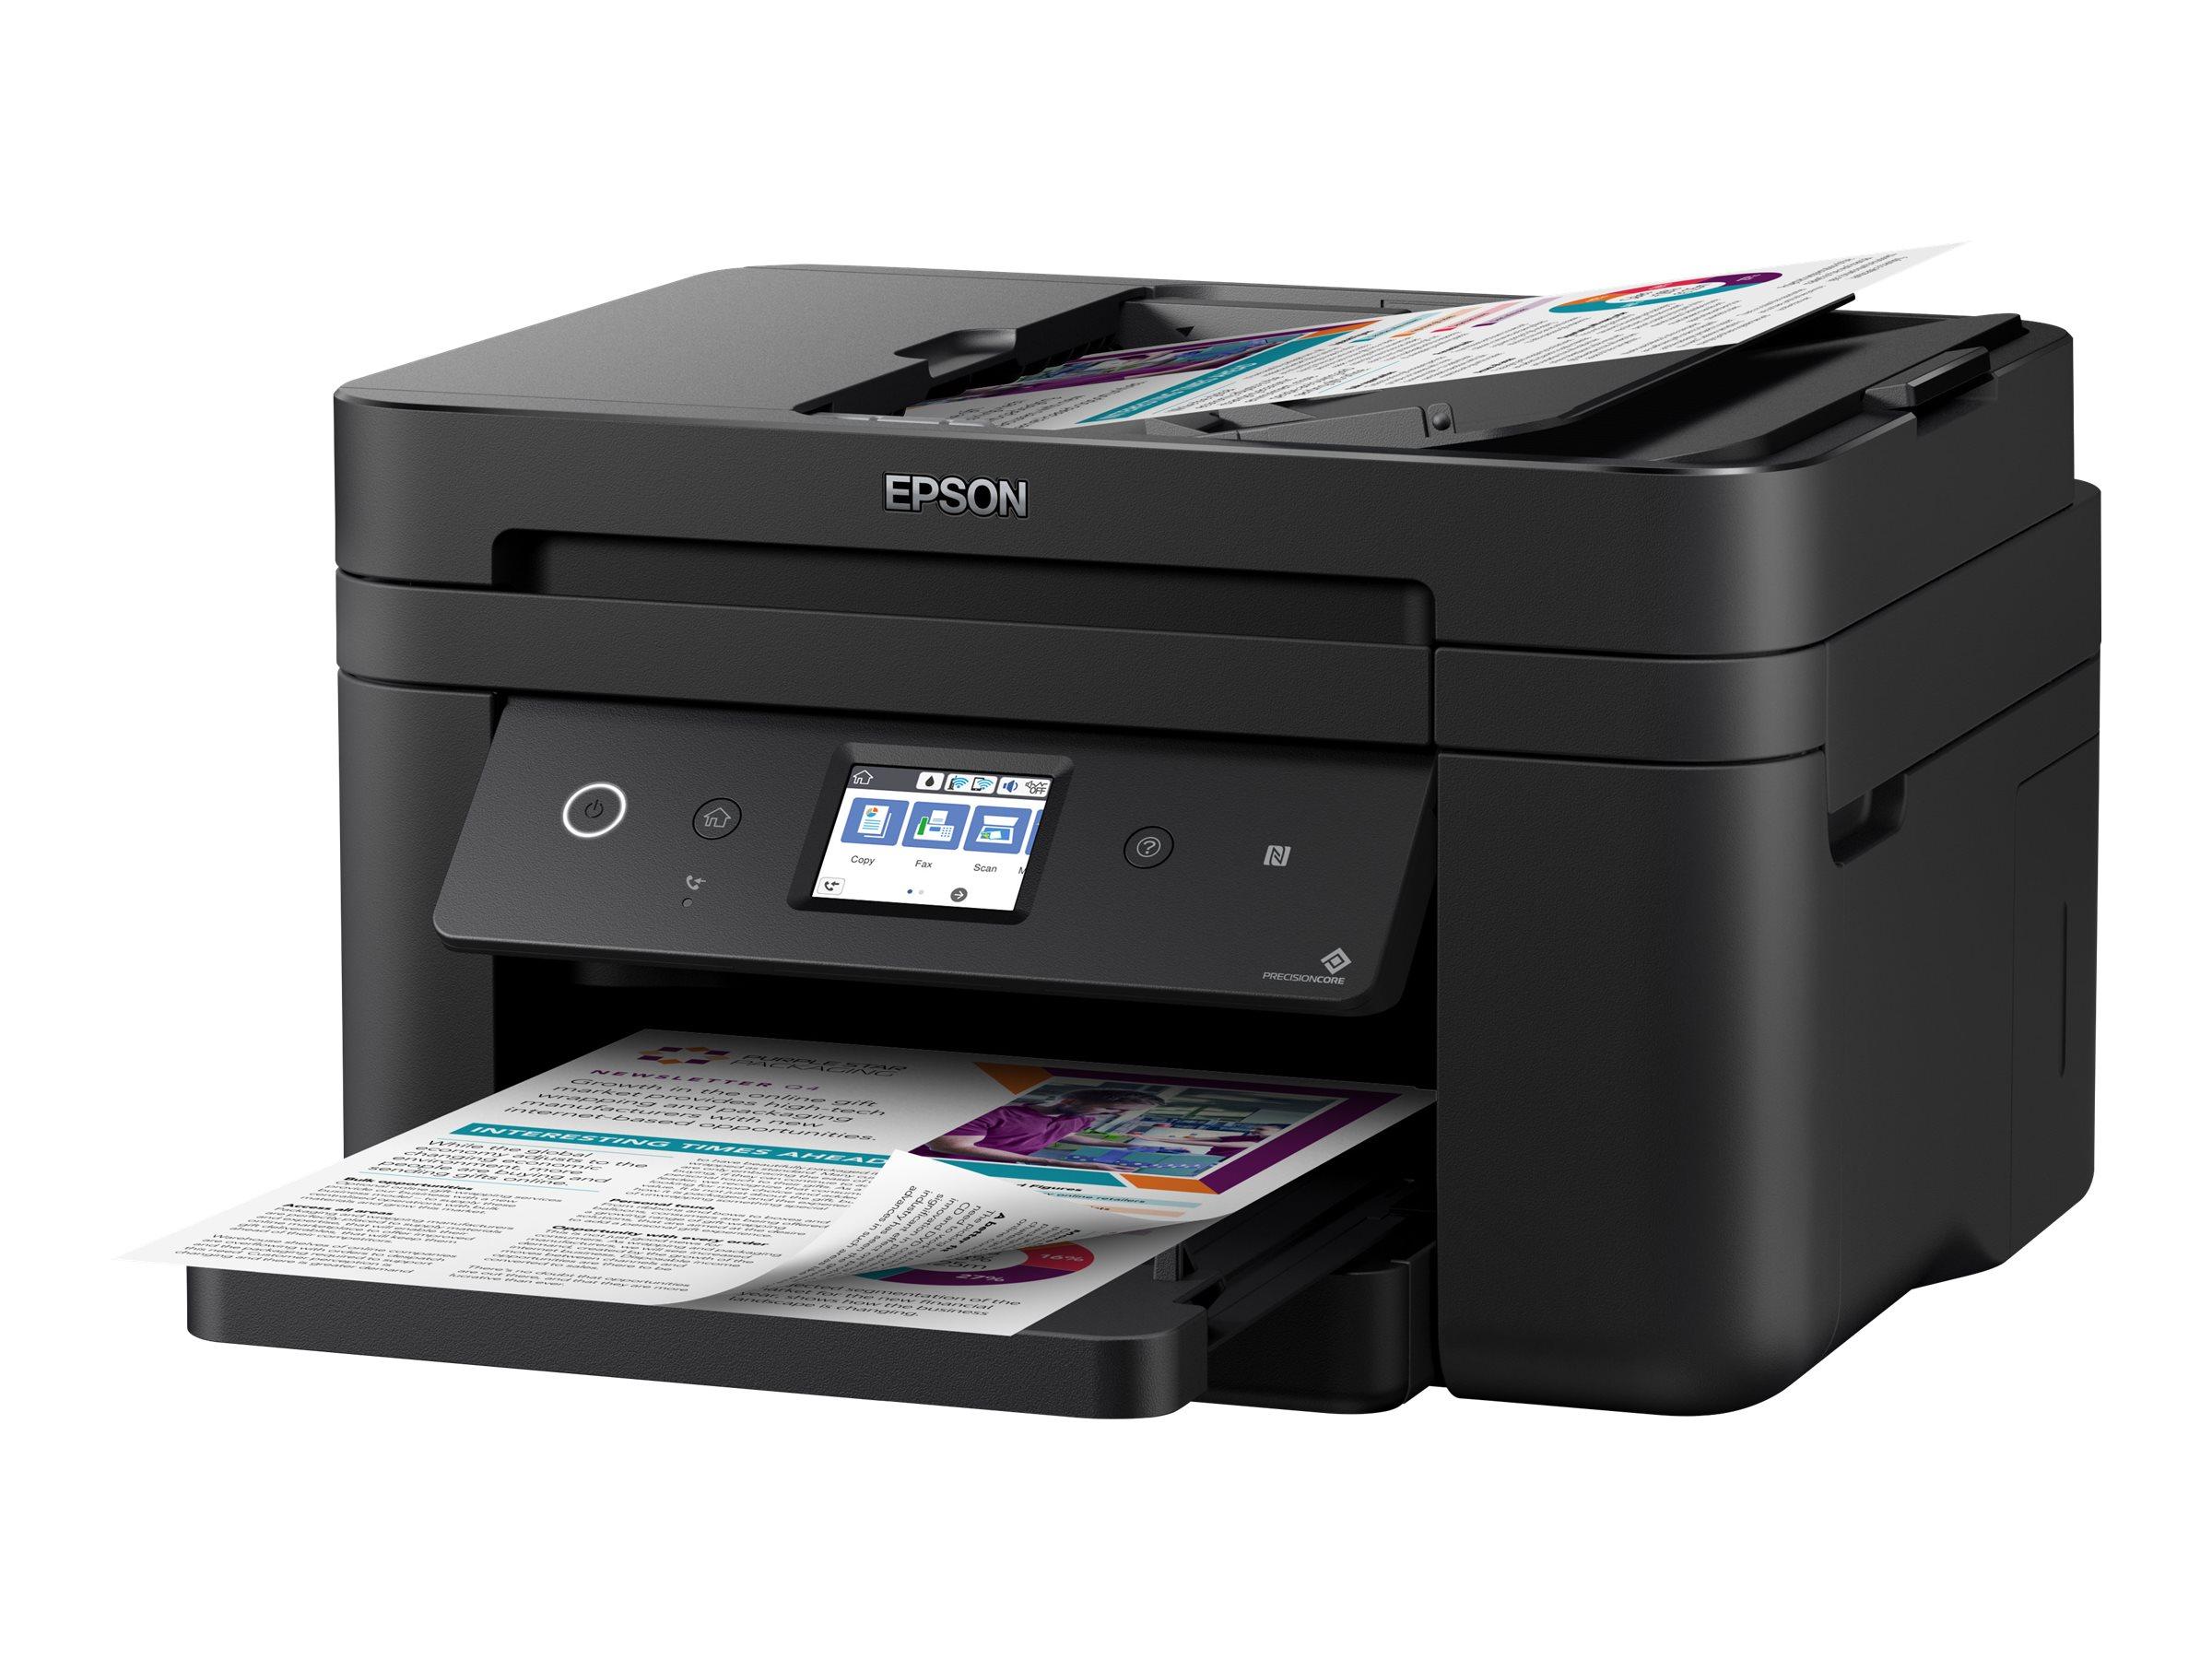 Epson WorkForce WF-2860DWF - Multifunktionsdrucker - Farbe - Tintenstrahl - A4/Legal (Medien) - bis zu 33 Seiten/Min. (Drucken)